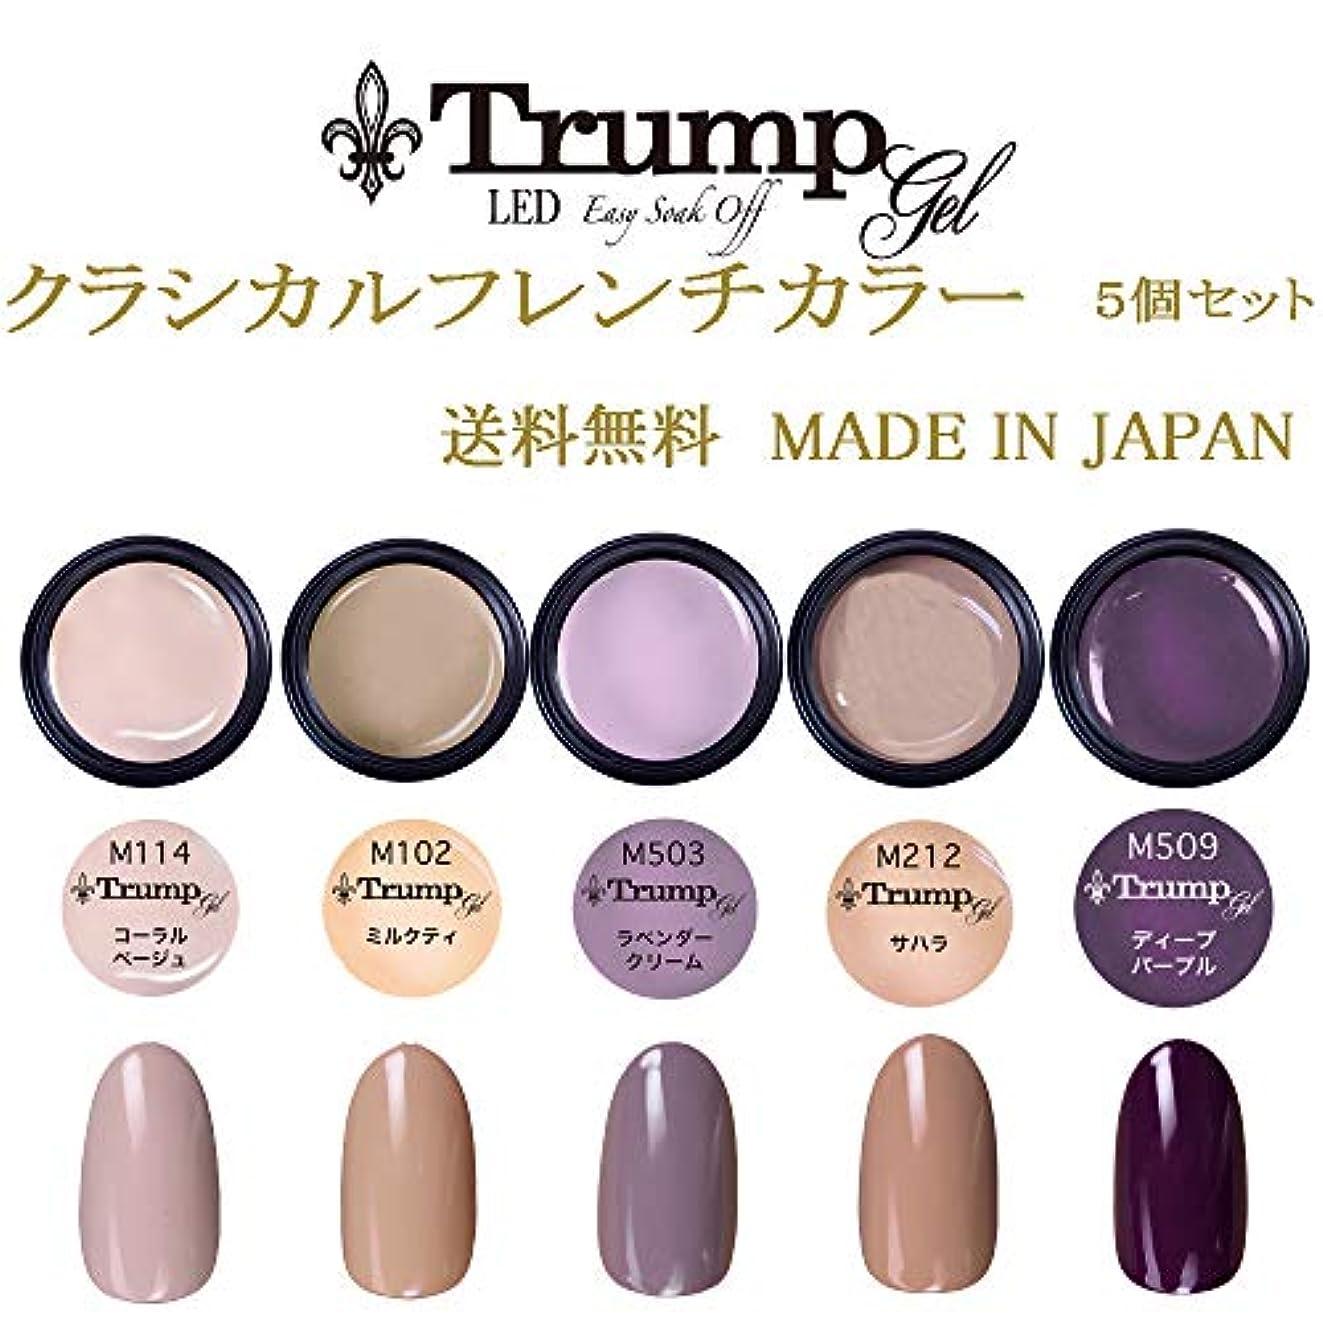 そこ別れる原始的な【送料無料】日本製 Trump gel トランプジェル クラシカルフレンチカラージェル 5個セット スタイリッシュでオシャレな 白べっ甲カラージェルセット